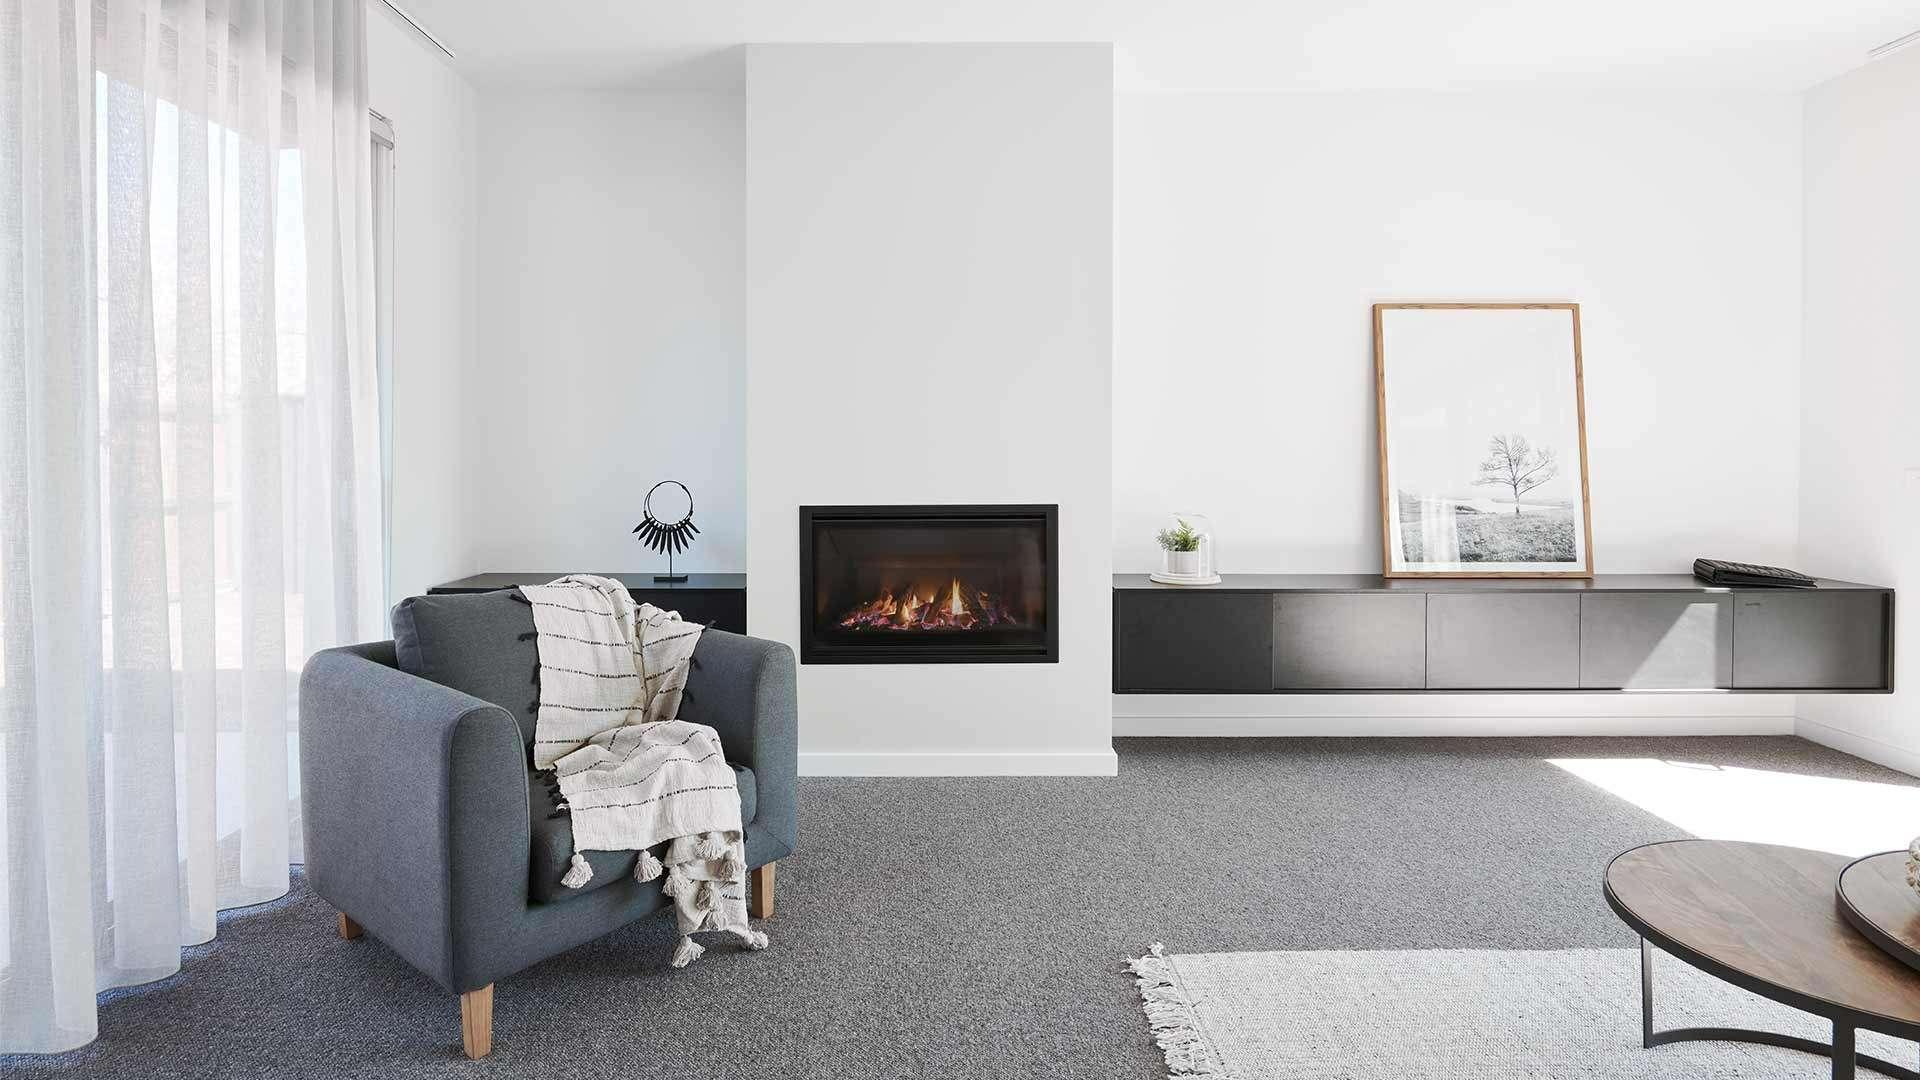 Escea DF960 indoor gas fireplace in modern living room